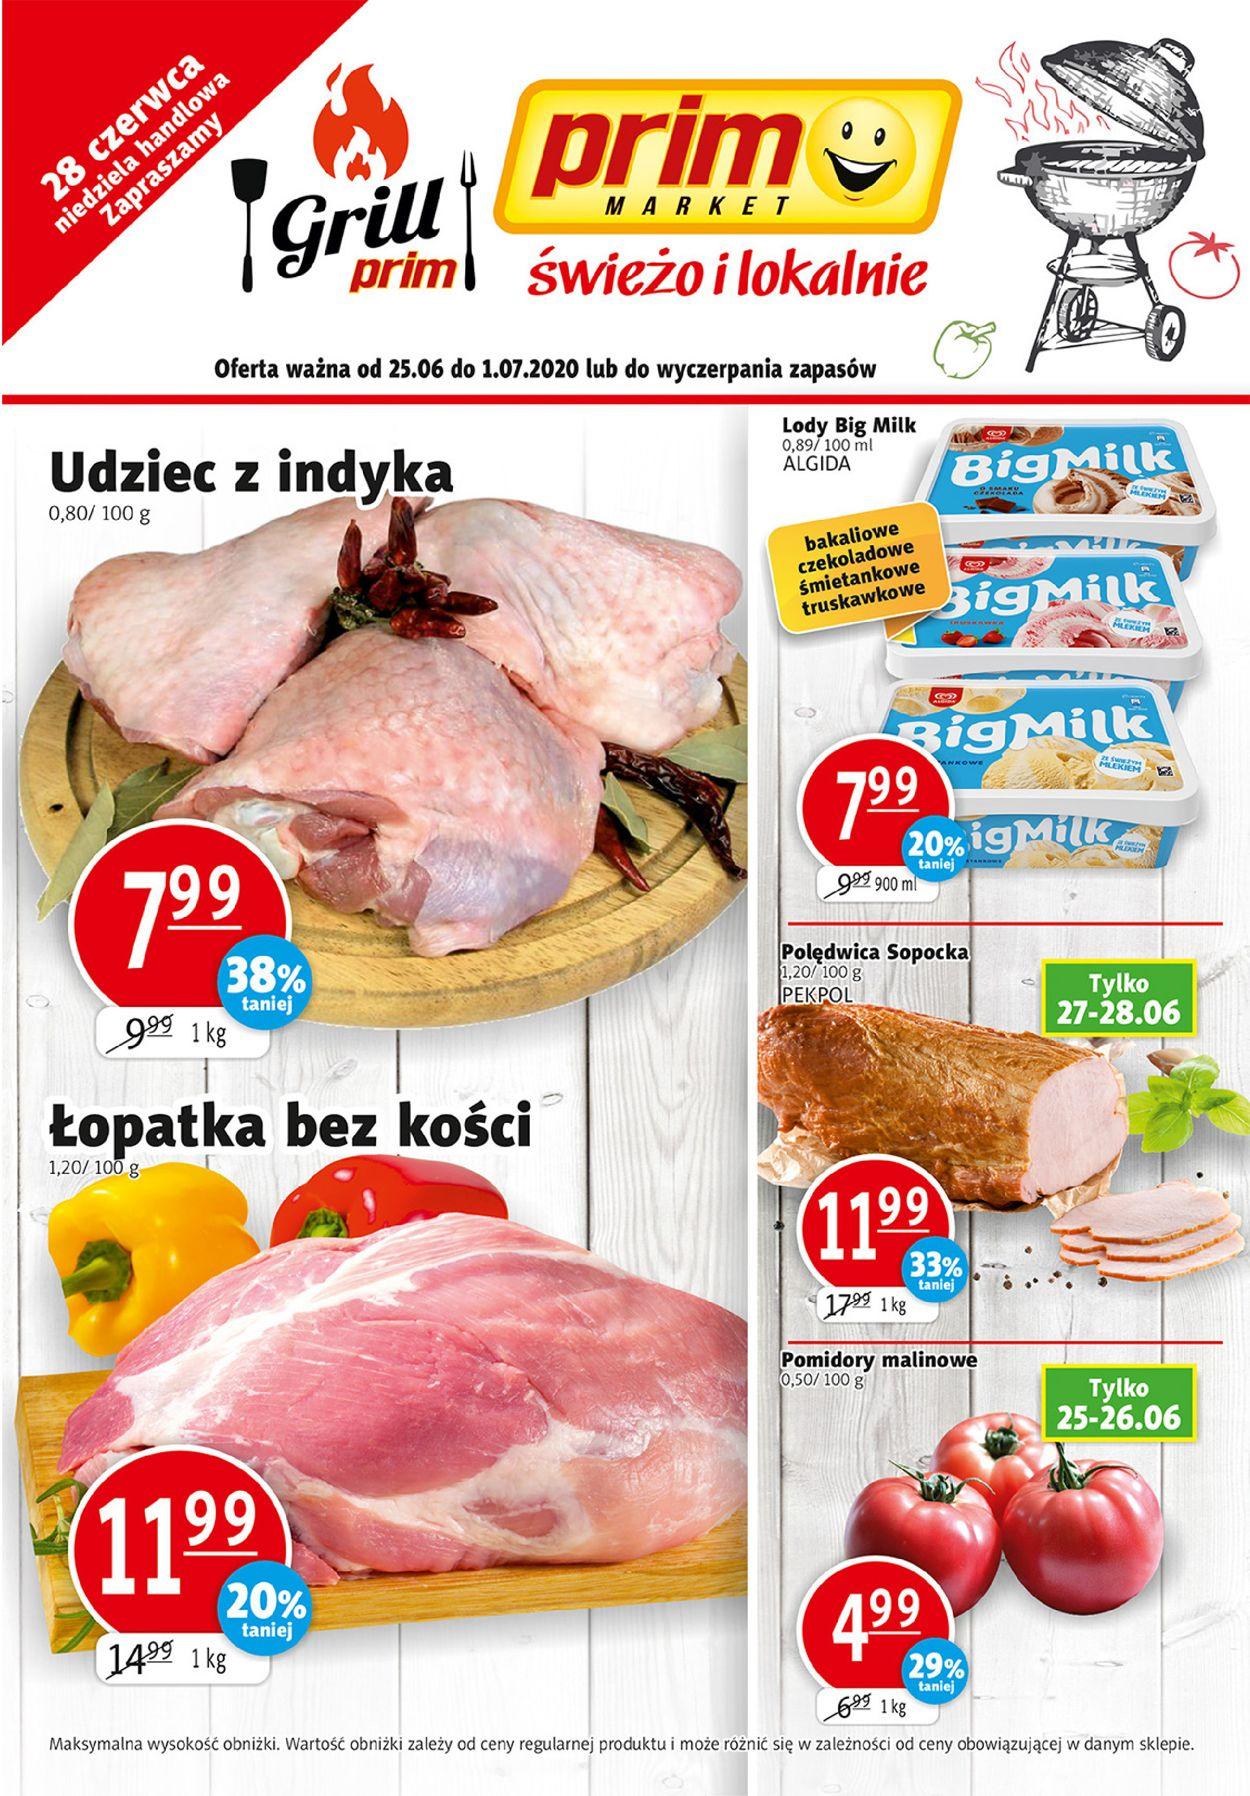 Gazetka promocyjna prim MARKET - 25.06-01.07.2020